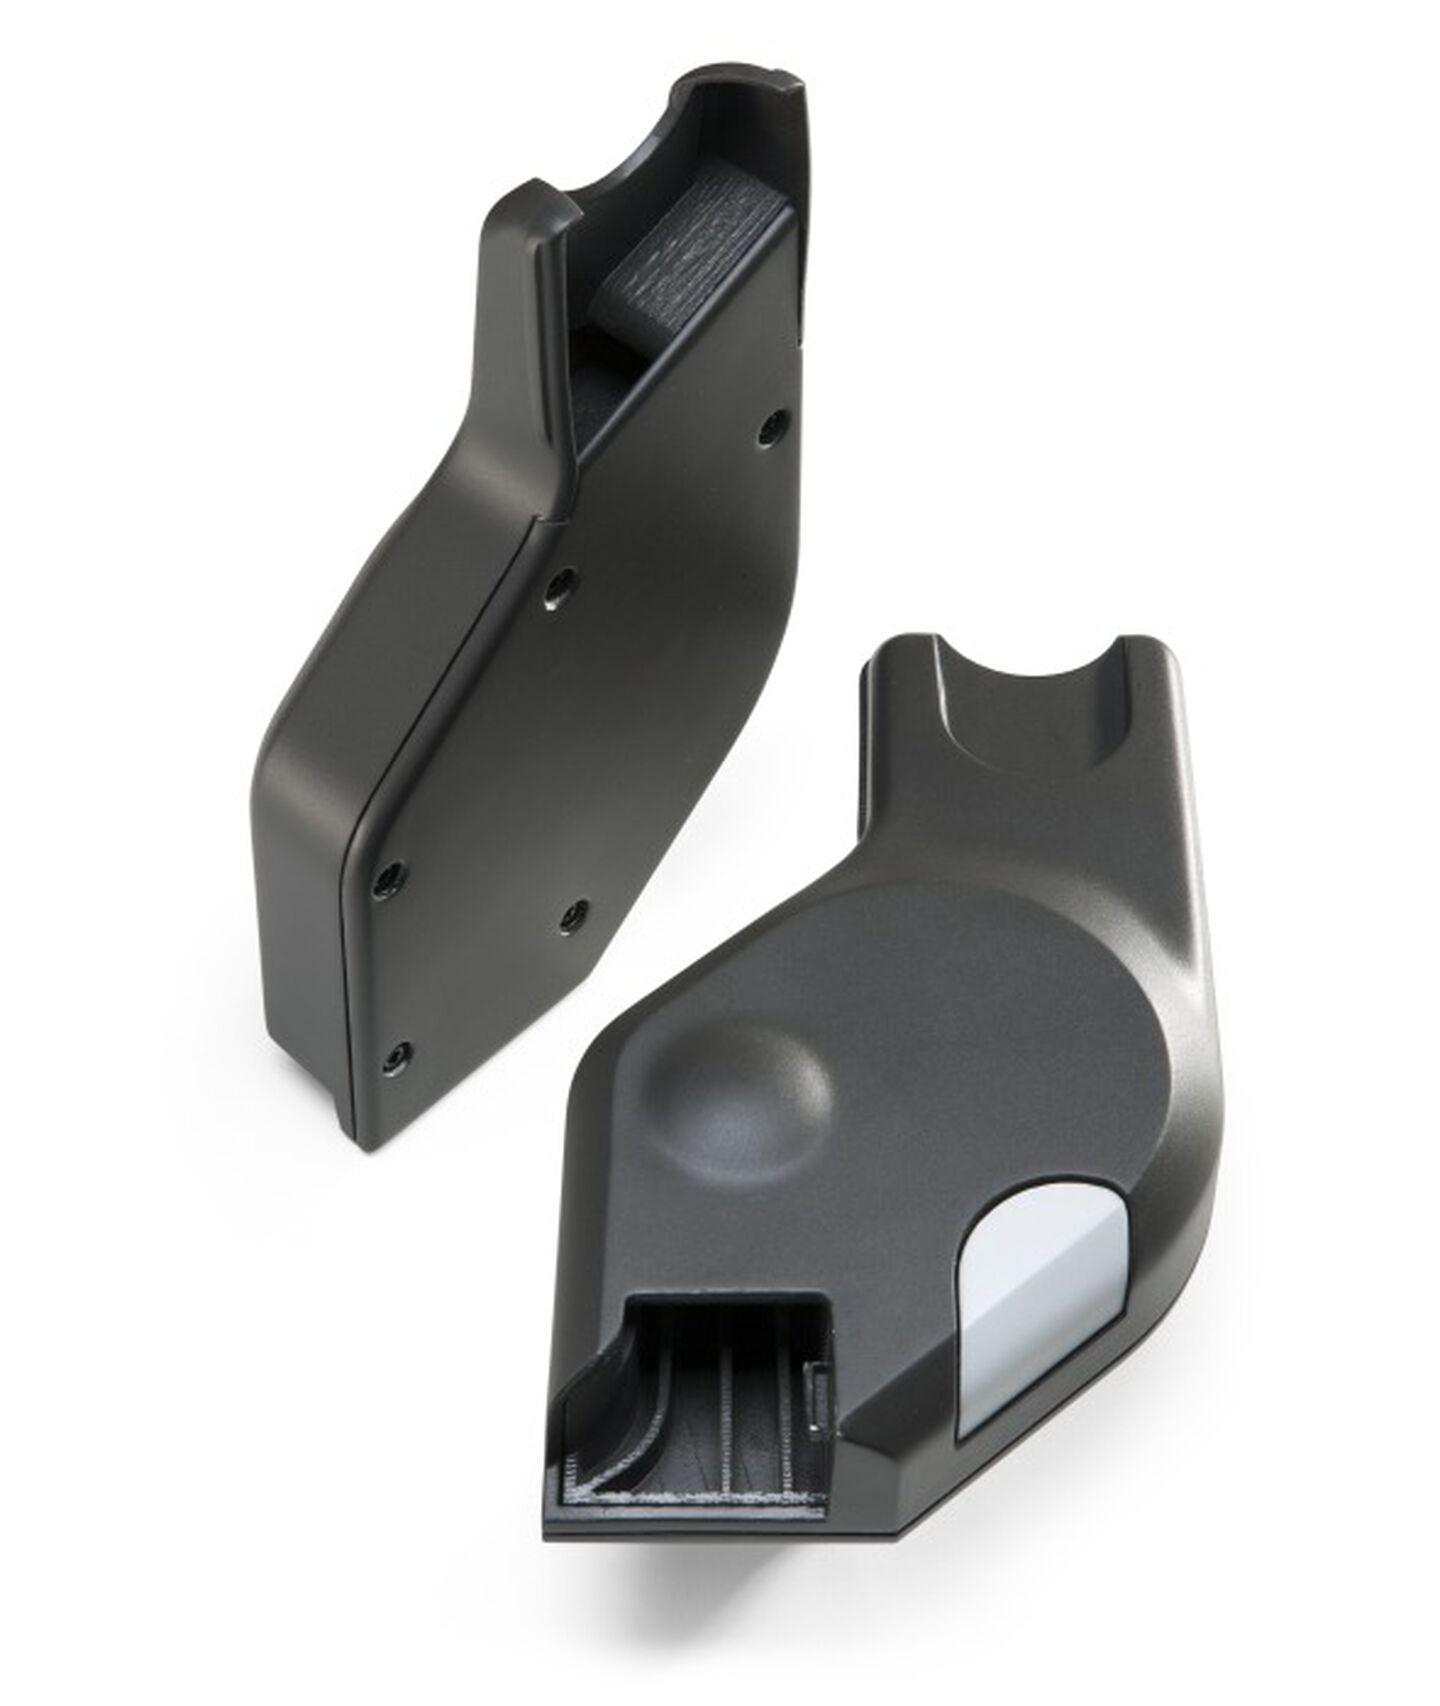 Adattatore per seggiolino auto per passeggino Stokke®, , mainview view 2